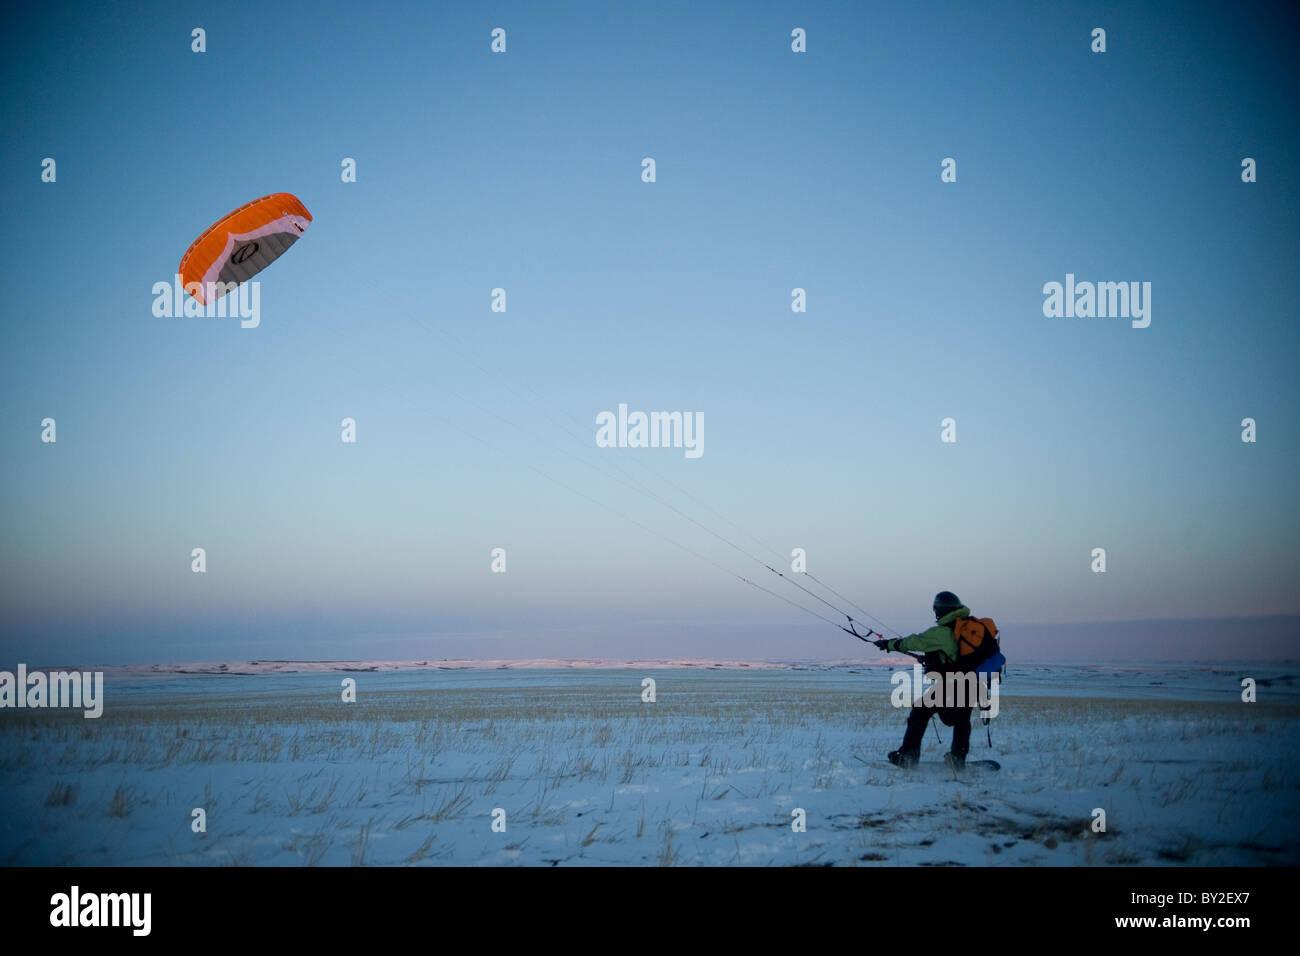 Un hombre joven de despegar con su snowkite. Imagen De Stock